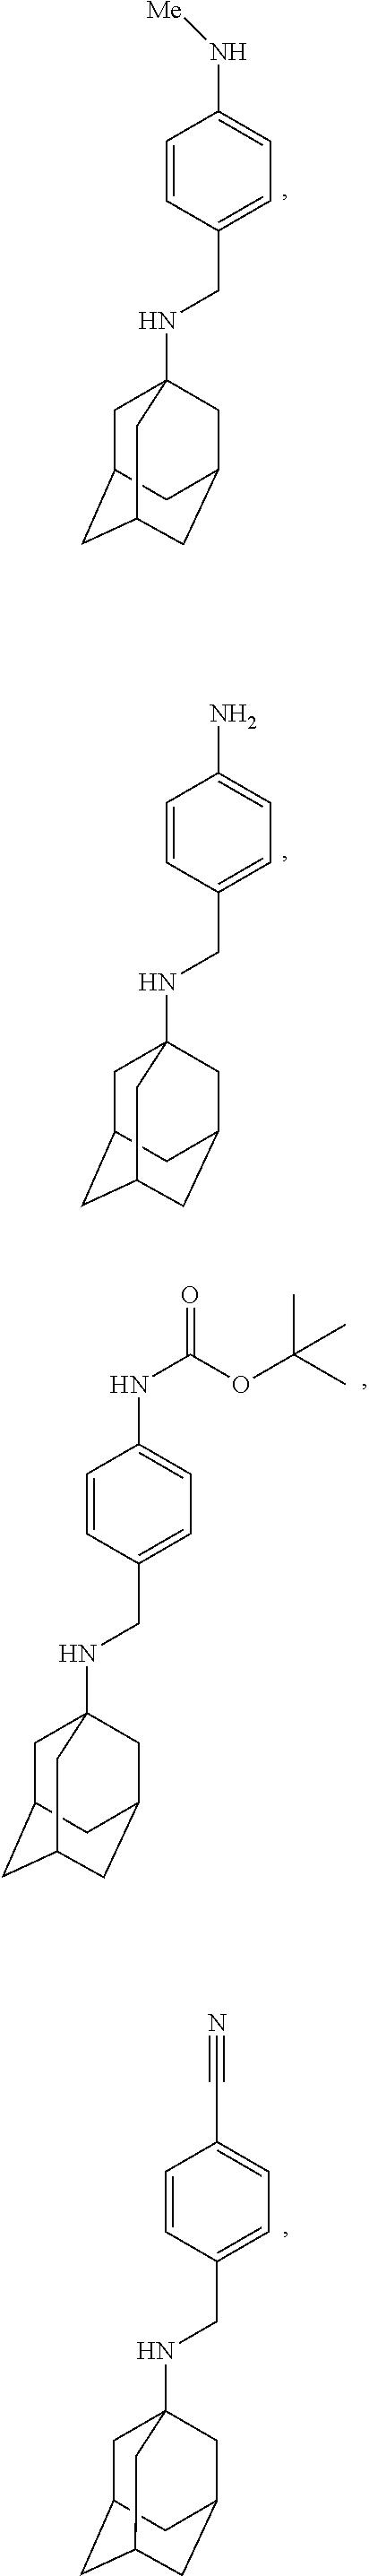 Figure US09884832-20180206-C00105